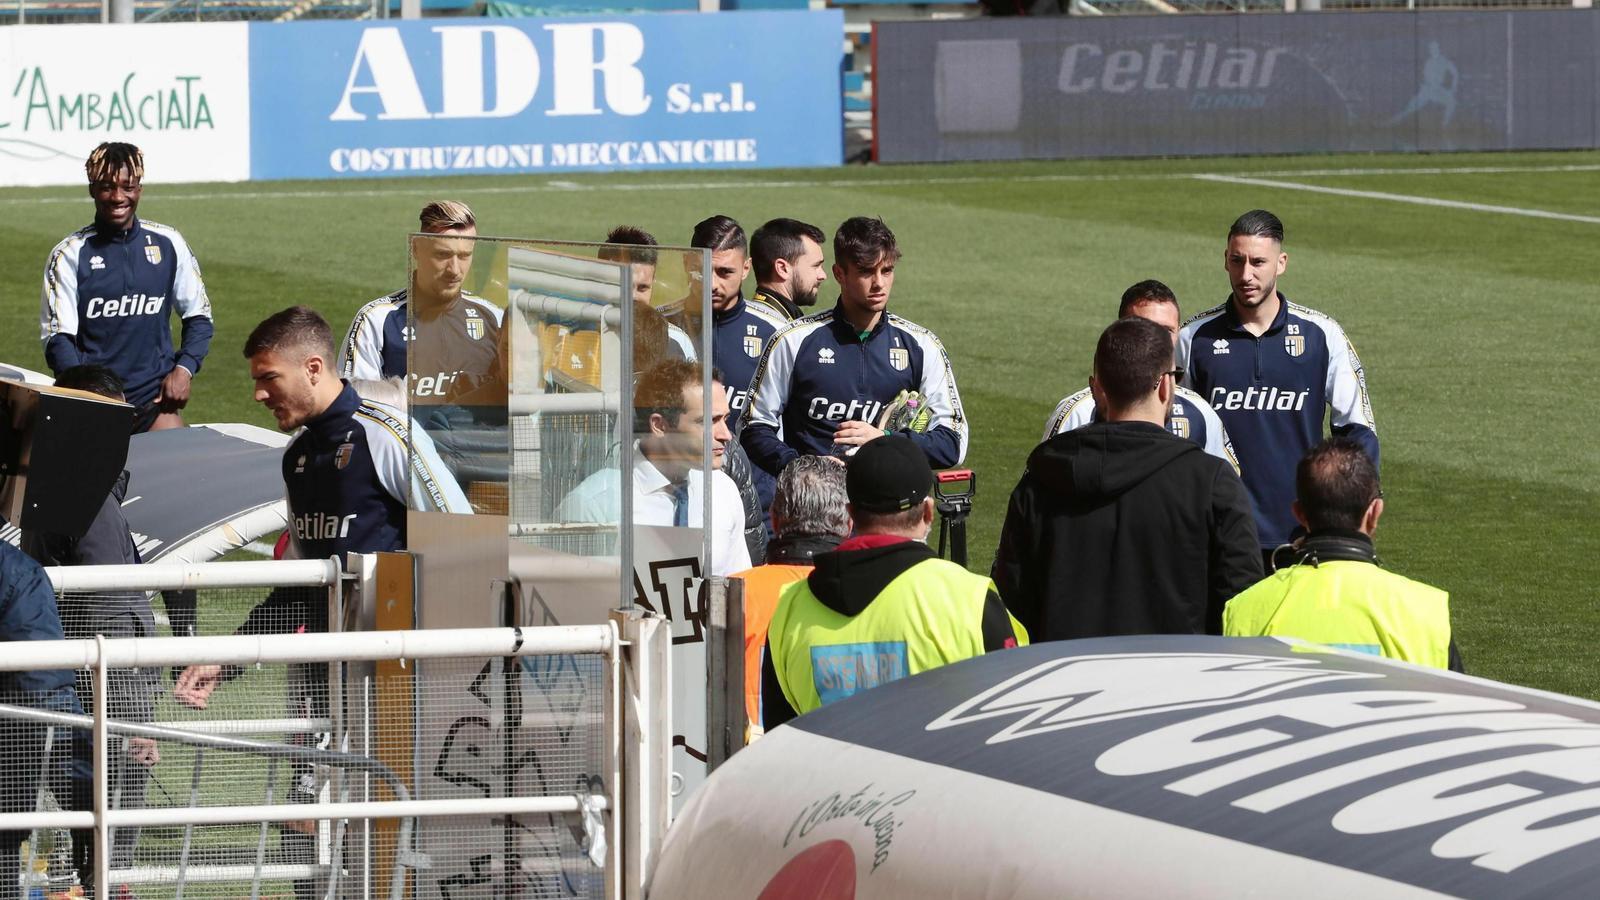 Els jugadors del Parma i l'Spal, esperant la decisió de jugar el seu partit d'aquest diumenge